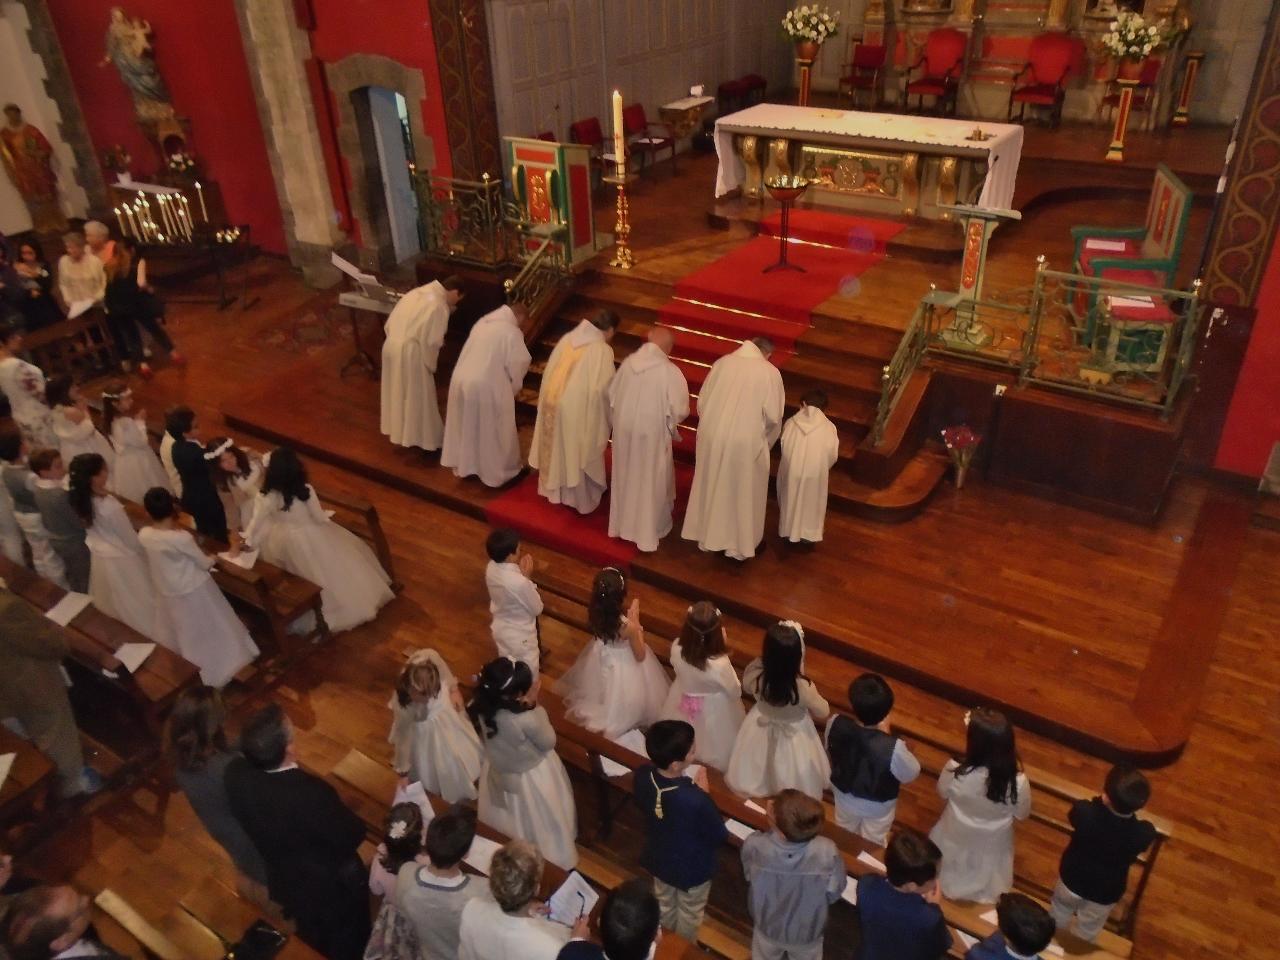 Salut de l'autel sacré, table du sacrifice et table du repas ; représentation symbolique du corps du Christ en Église, Assemblée